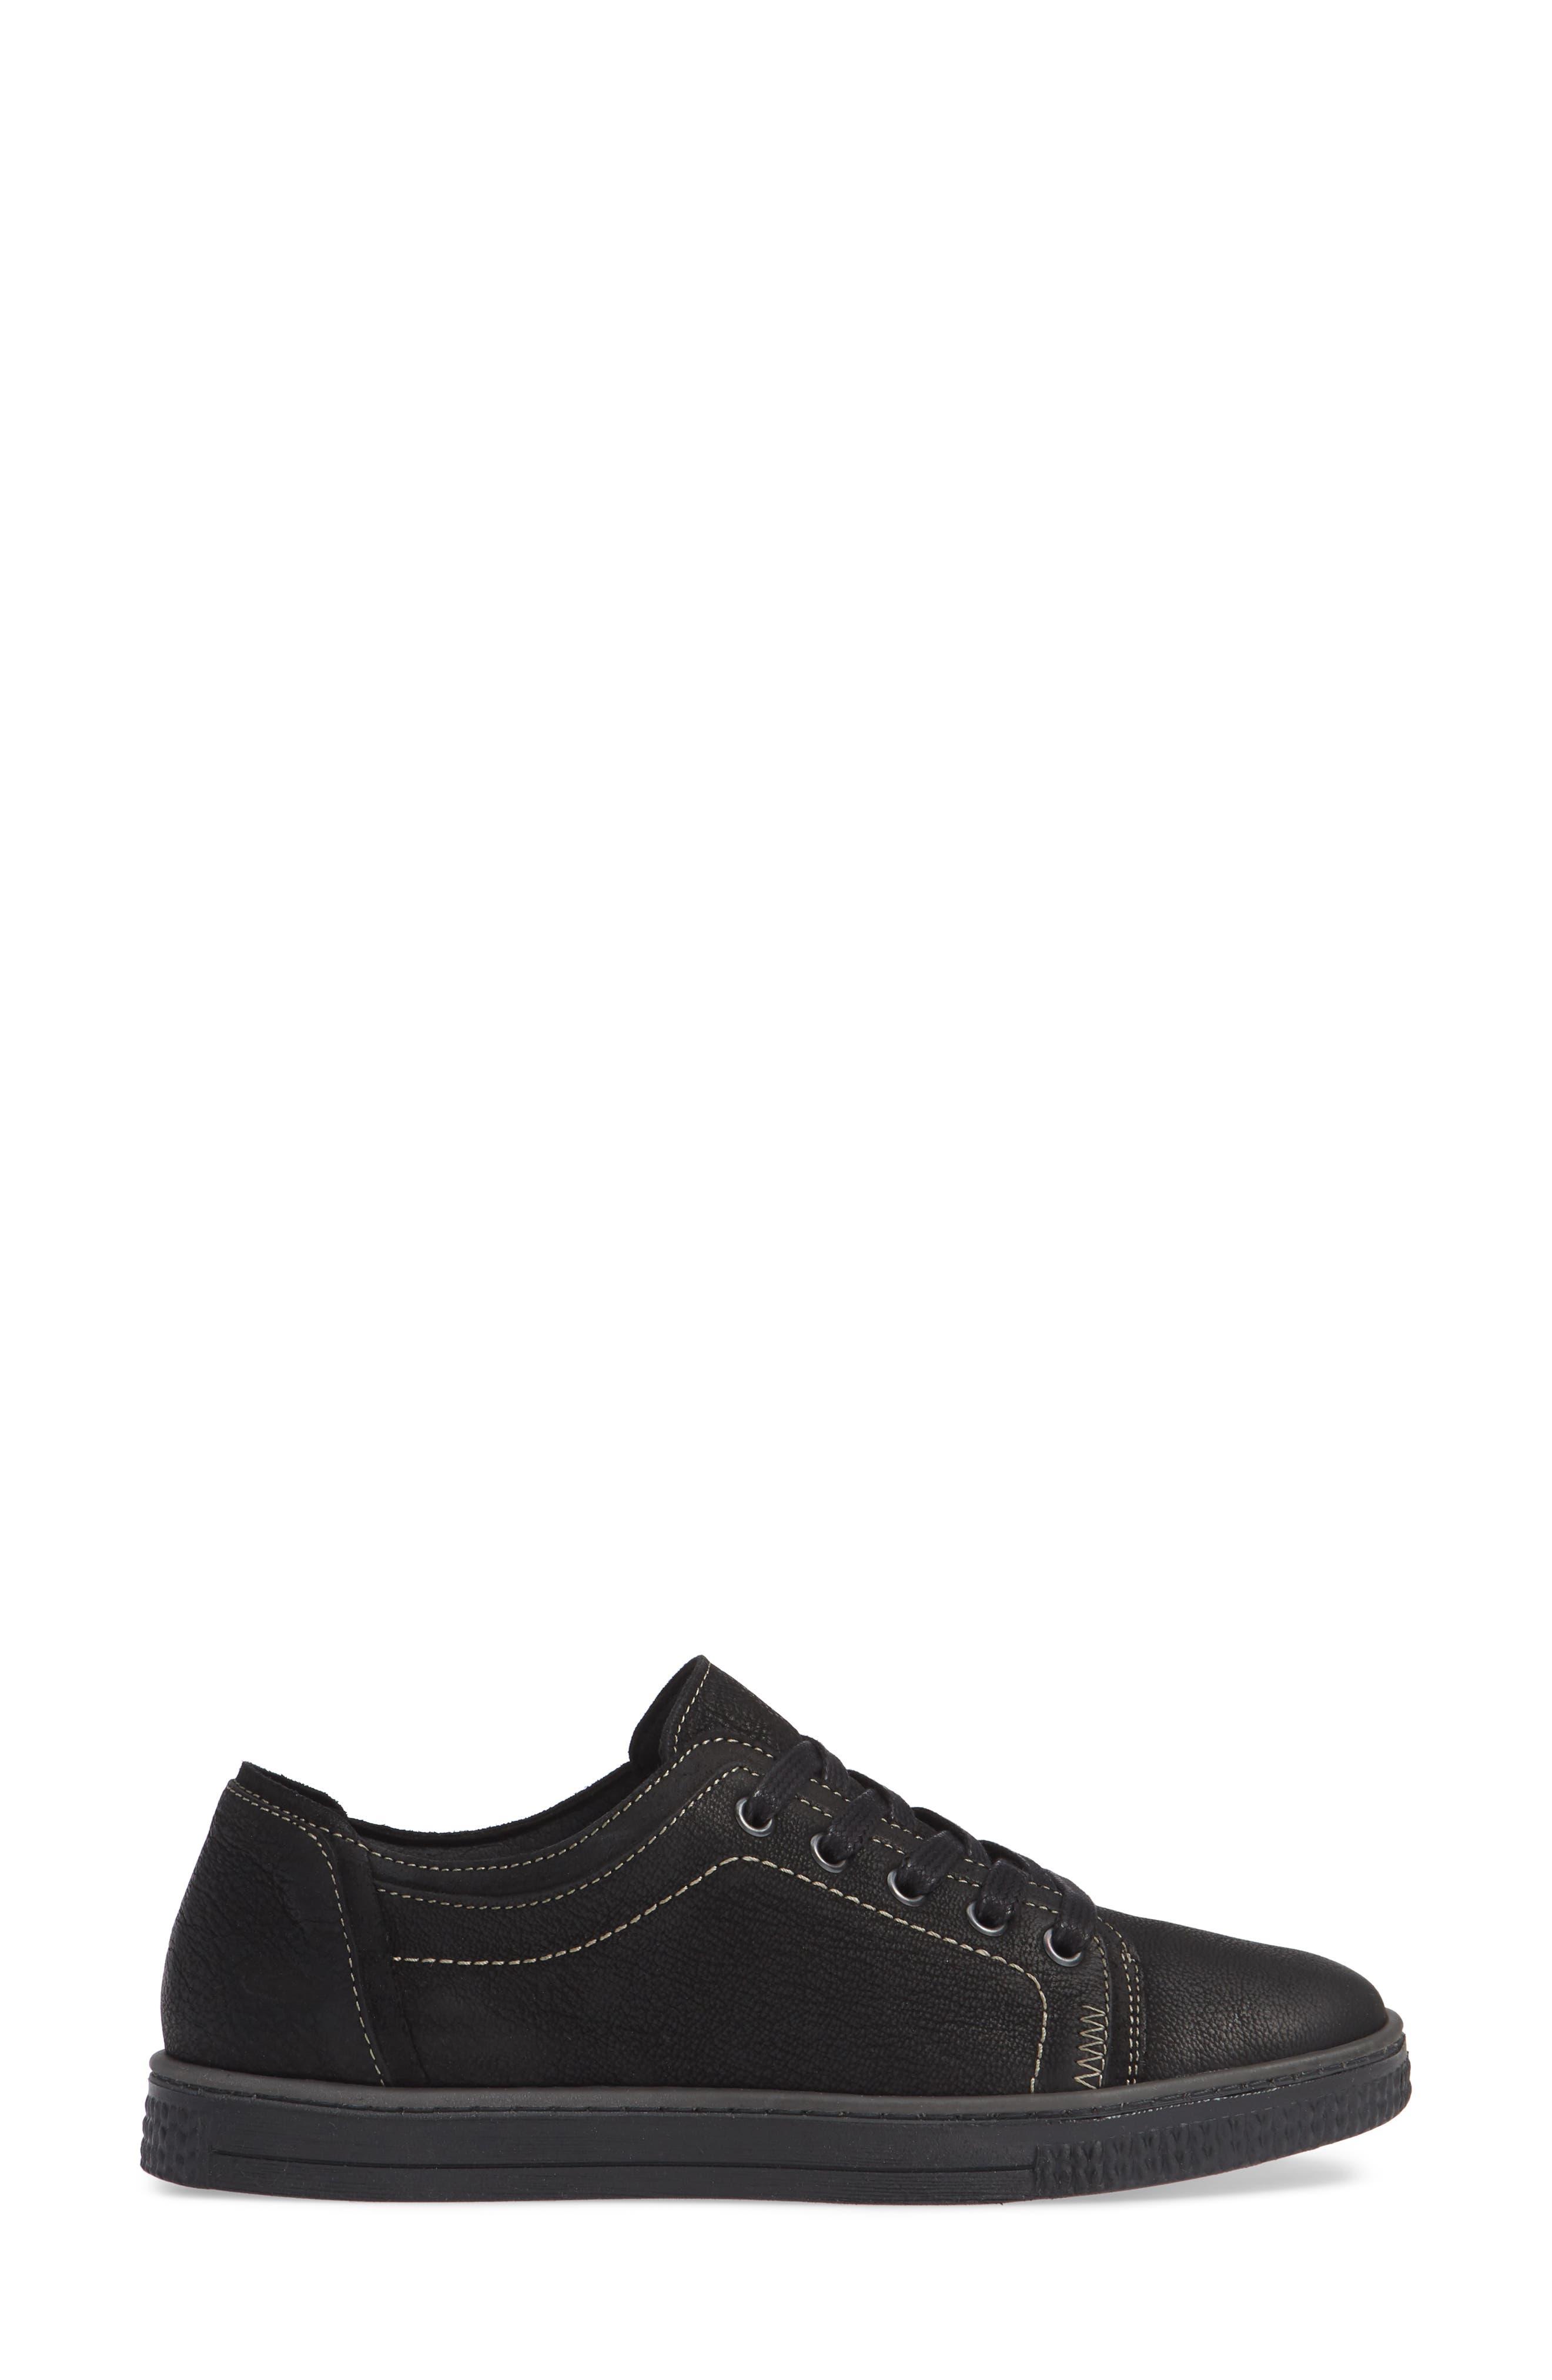 CLOUD, Nagano Low Top Sneaker, Alternate thumbnail 3, color, 001